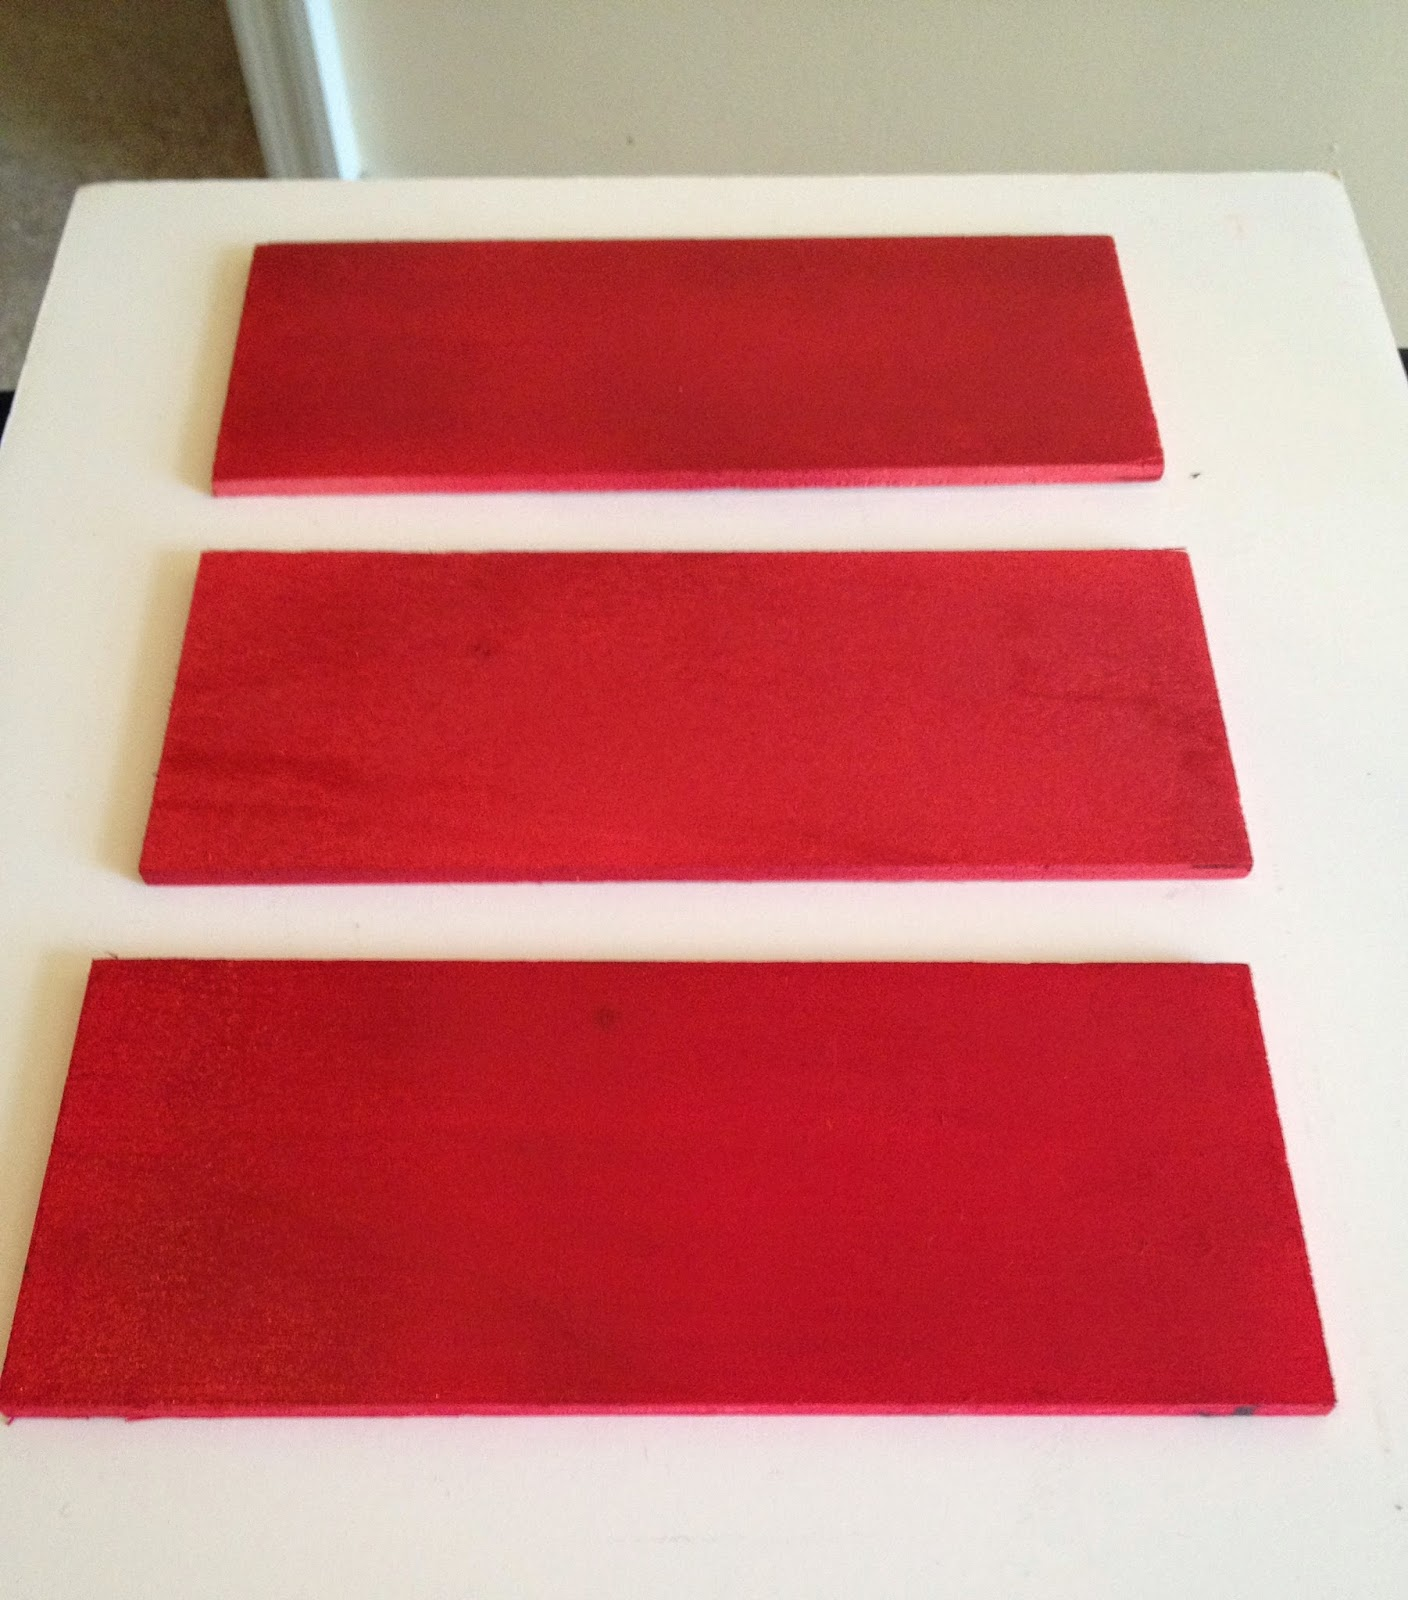 Printing On Laminated Burlap Sheets Printing On Laminated